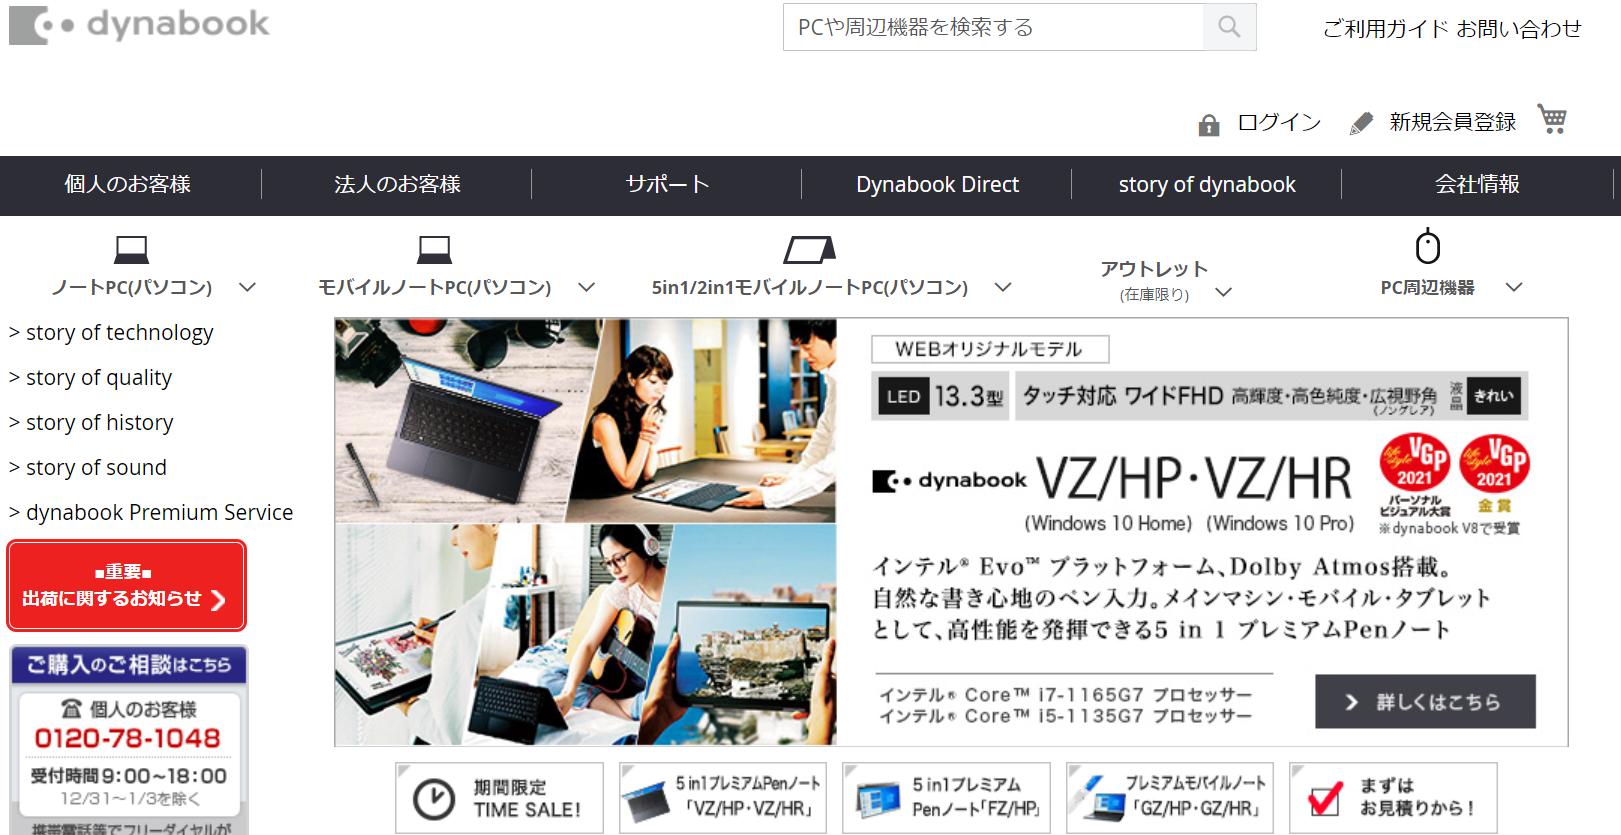 東芝dynabookサイト画像